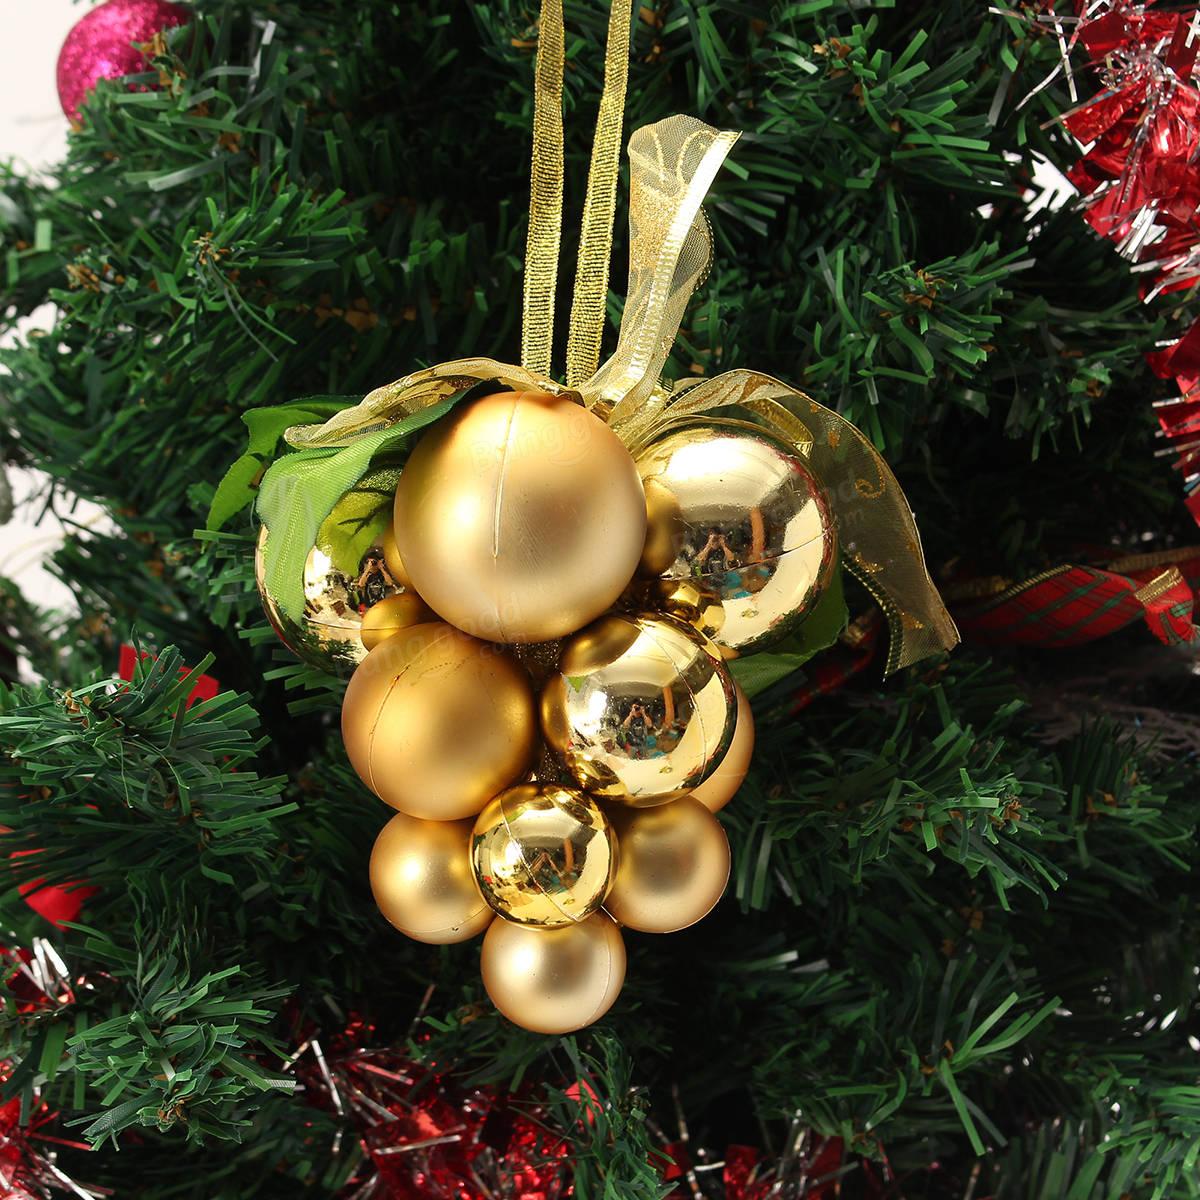 bola de la navidad cuerdas de uva rbol decoracin adornos colgante bola adornos colgantes